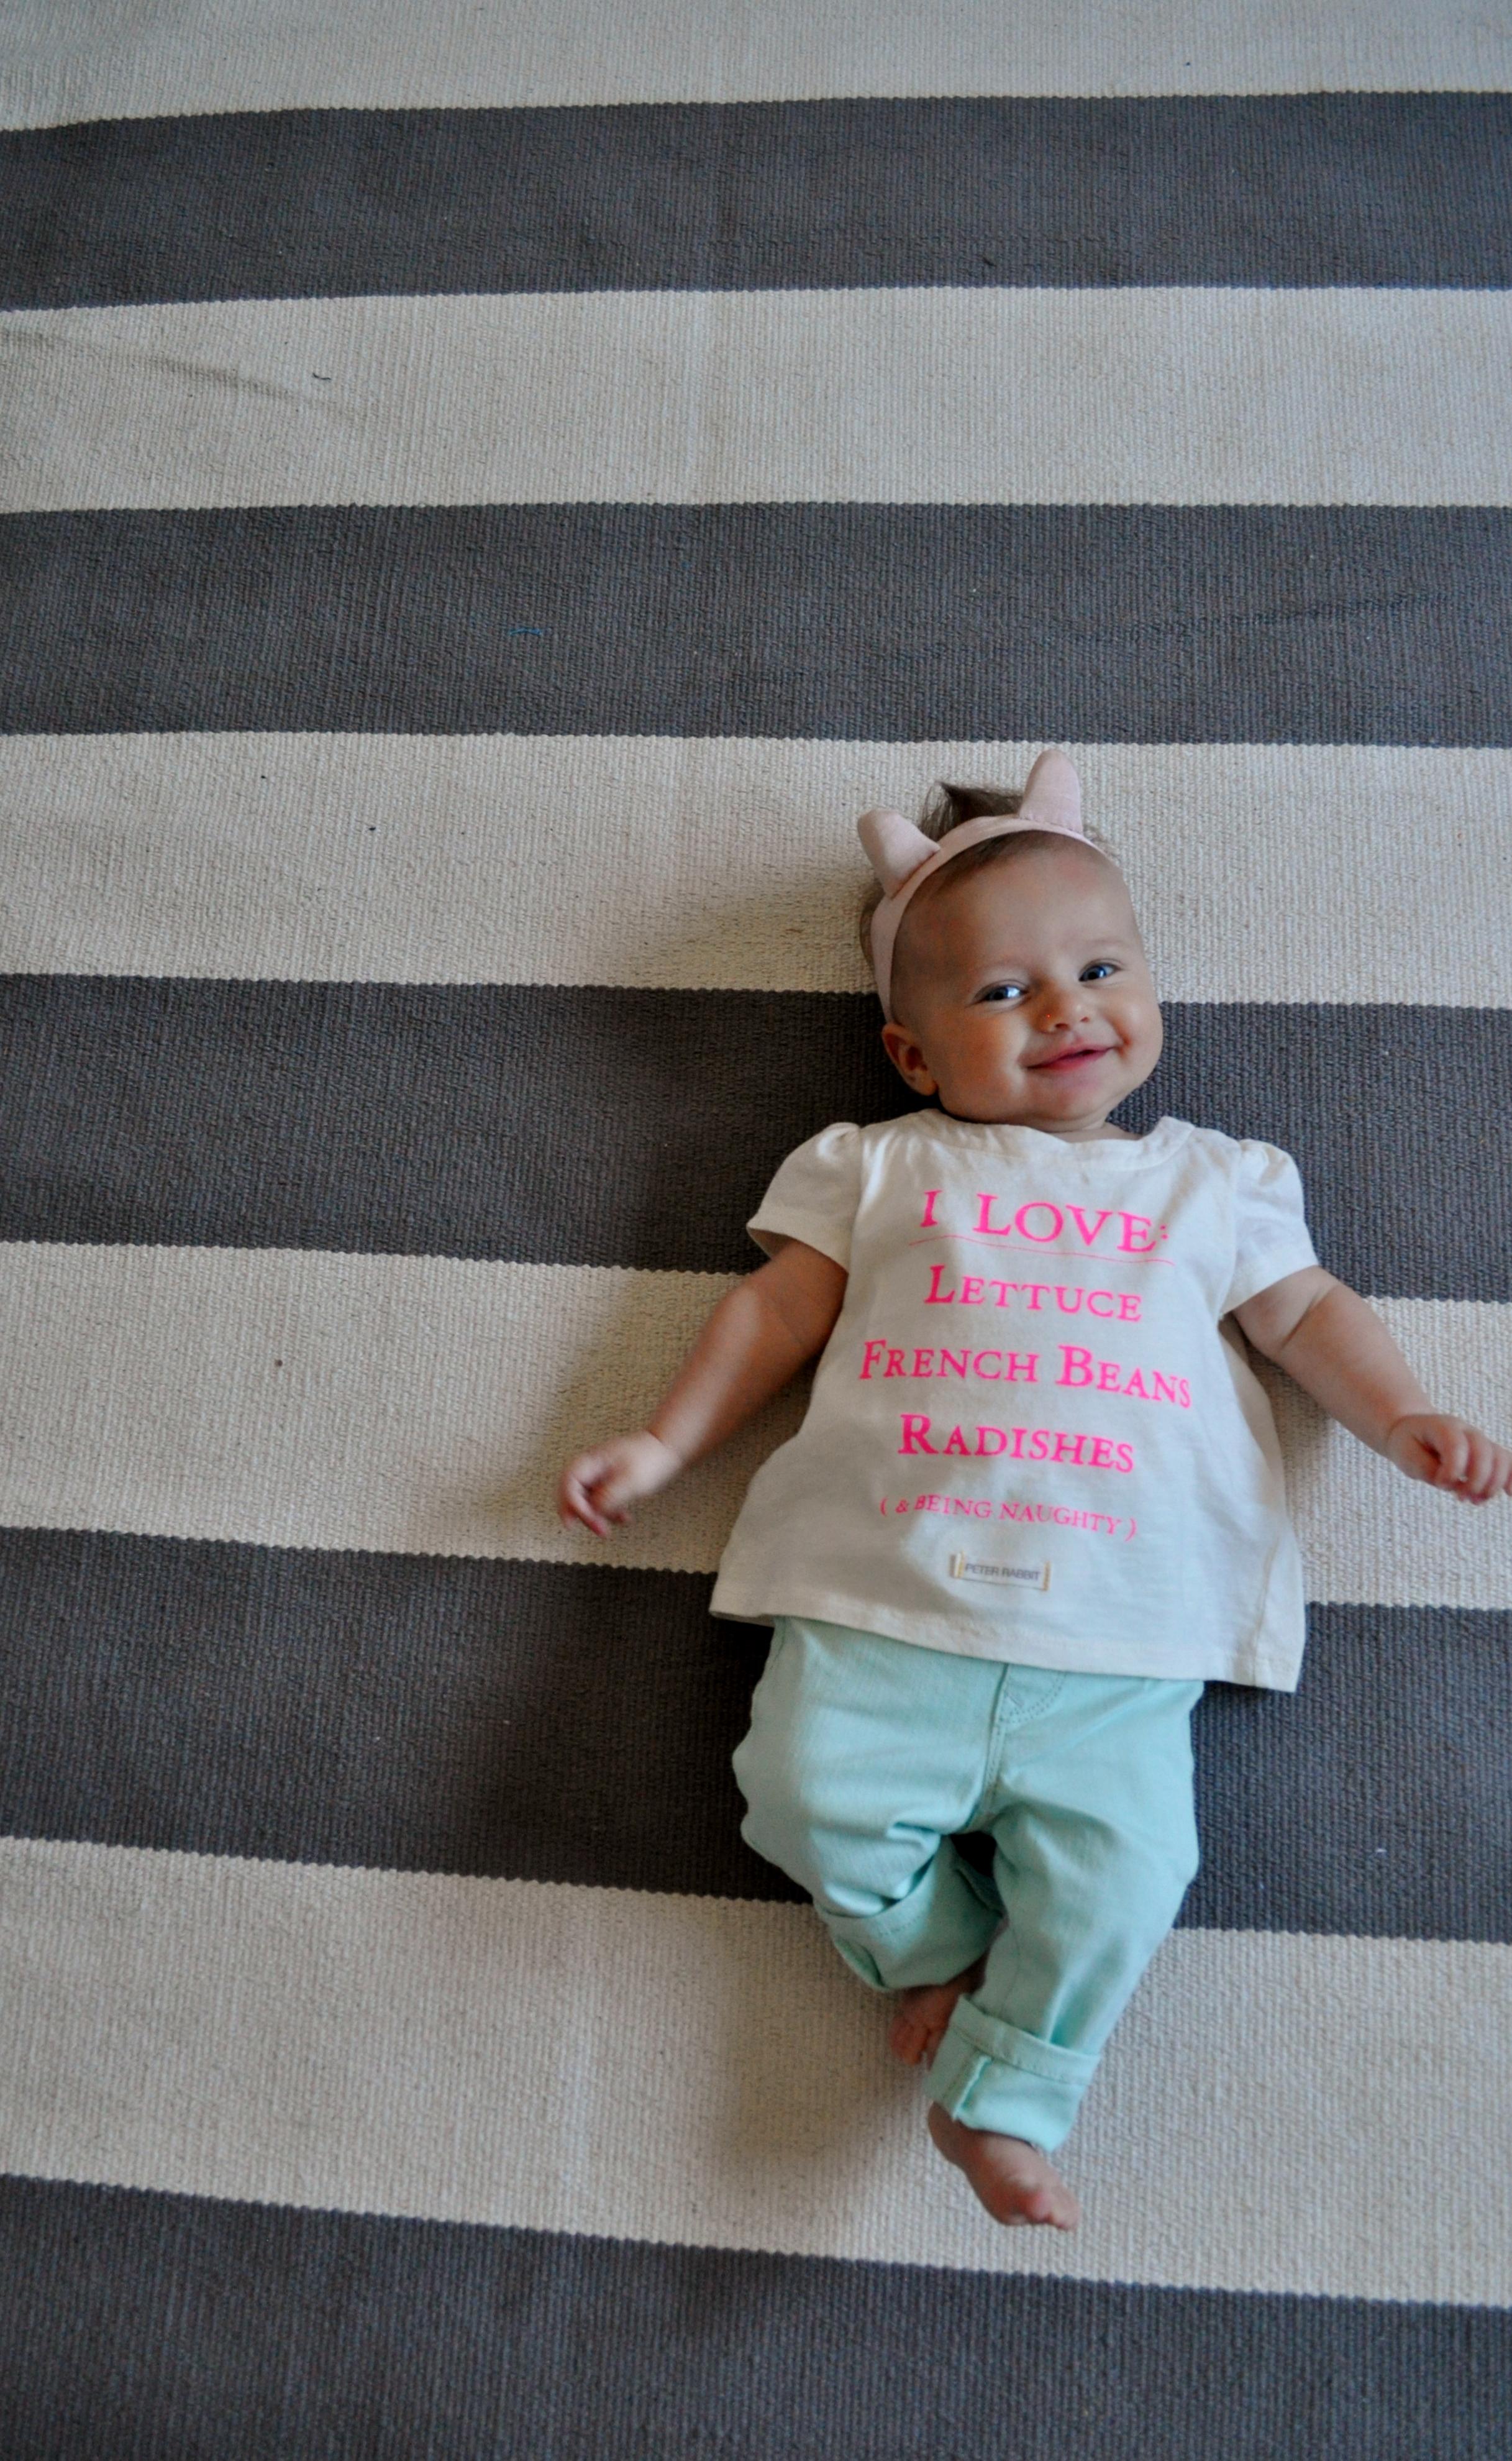 Sienna, 3 months old